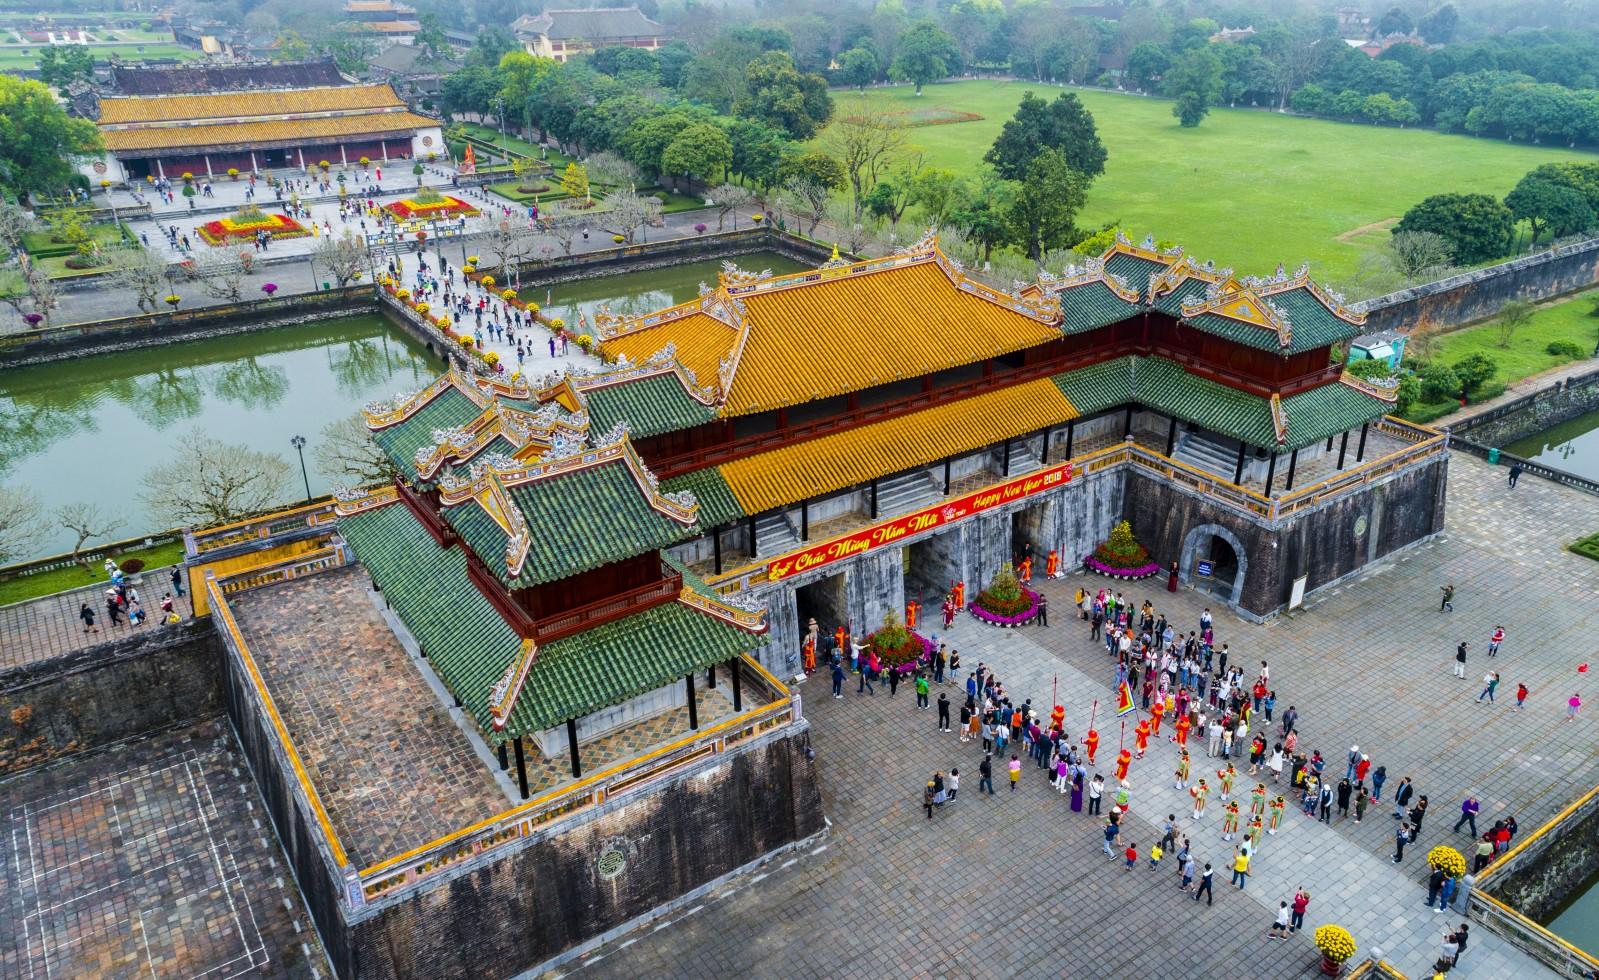 Tái hiện cảnh đổi gác của triều đình Nguyễn xưa phục vụ khách du lịch.